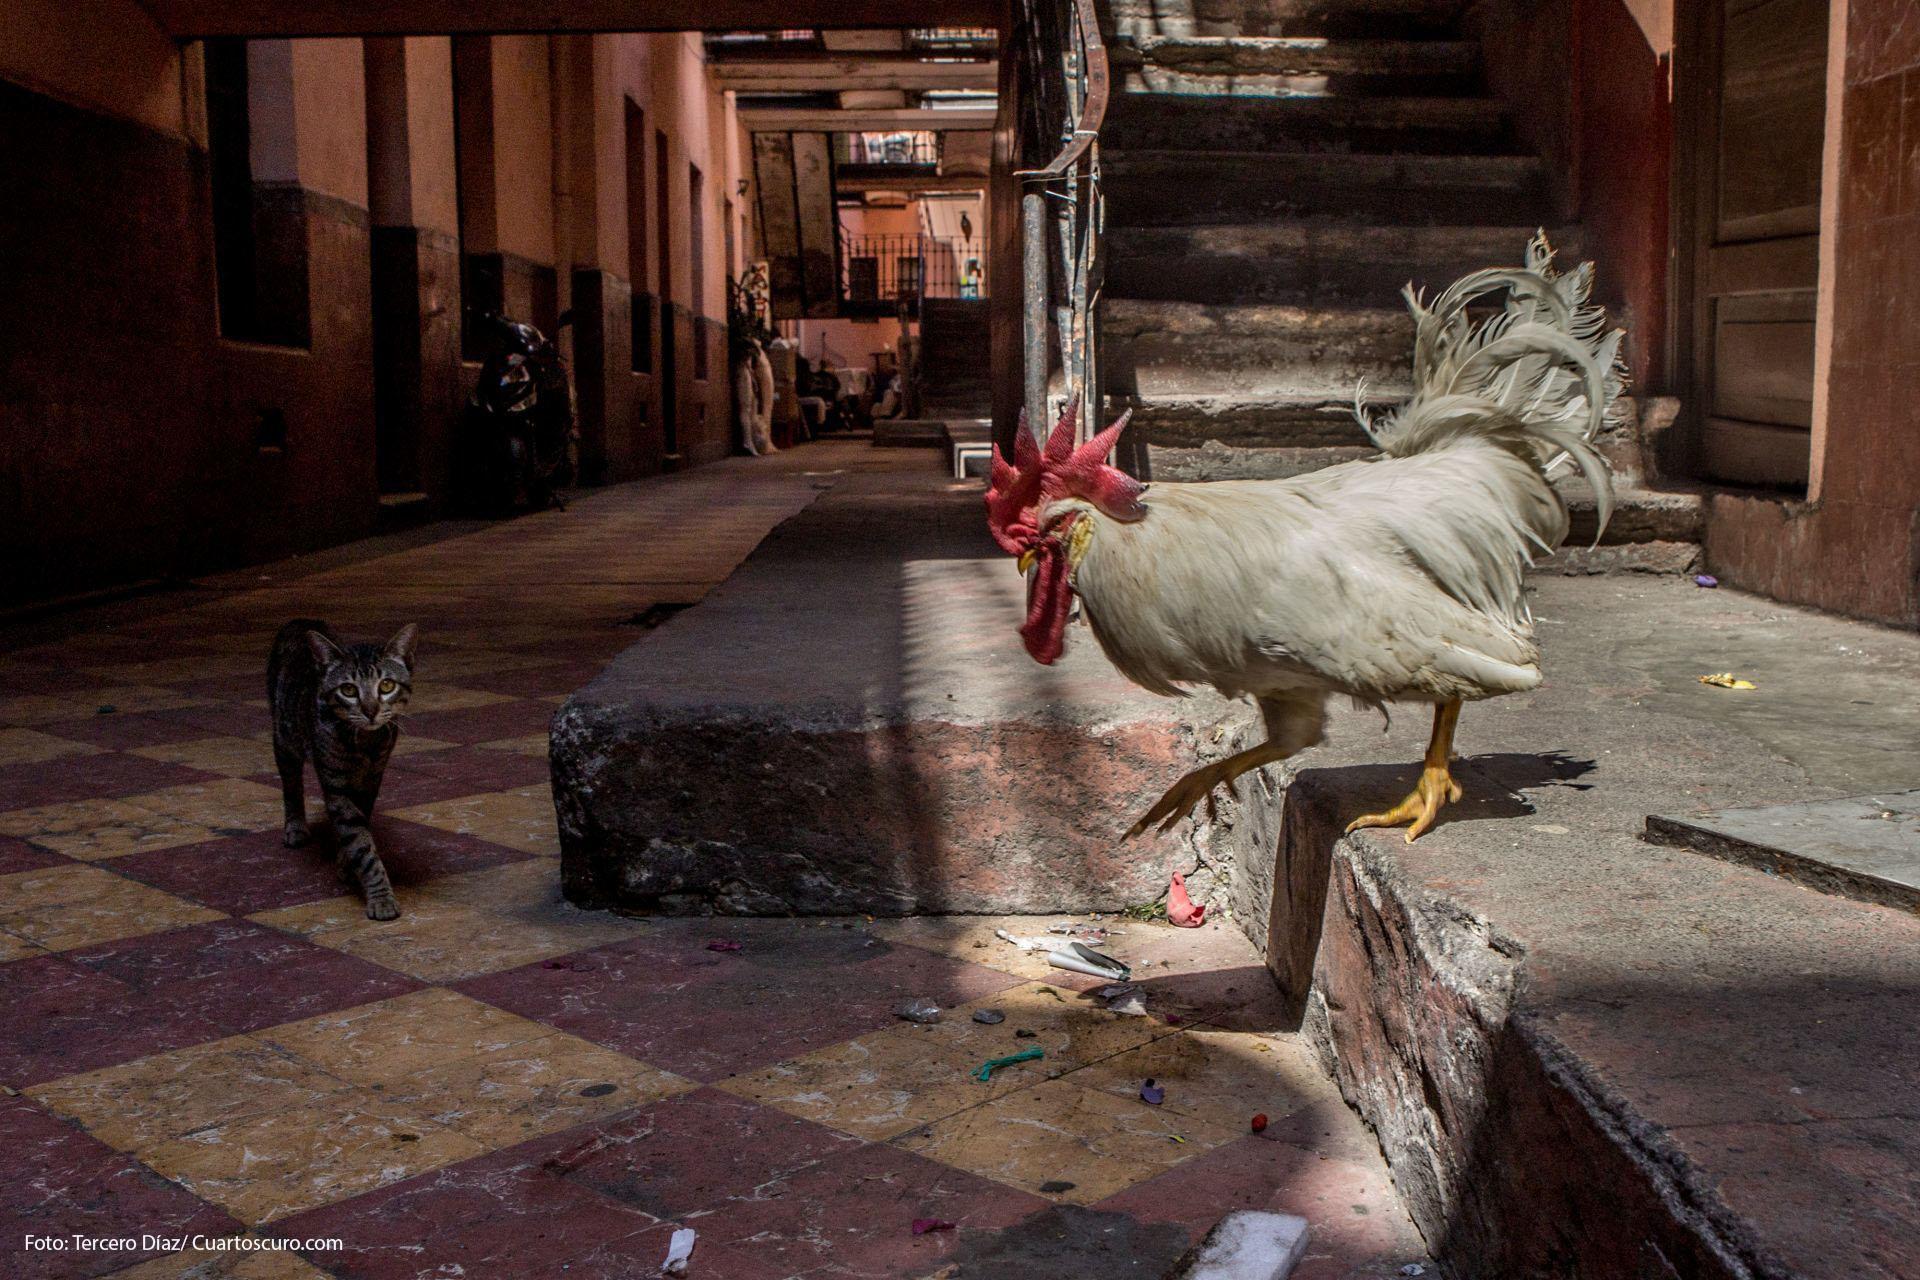 CIUDAD DE MÉXICO, 29MARZO2018.- Un gallo y un gato interactúan en una vecindad del Centro Histórico de la capiutal. FOTO: TERCERO DÍAZ /CUARTOSCURO.COM